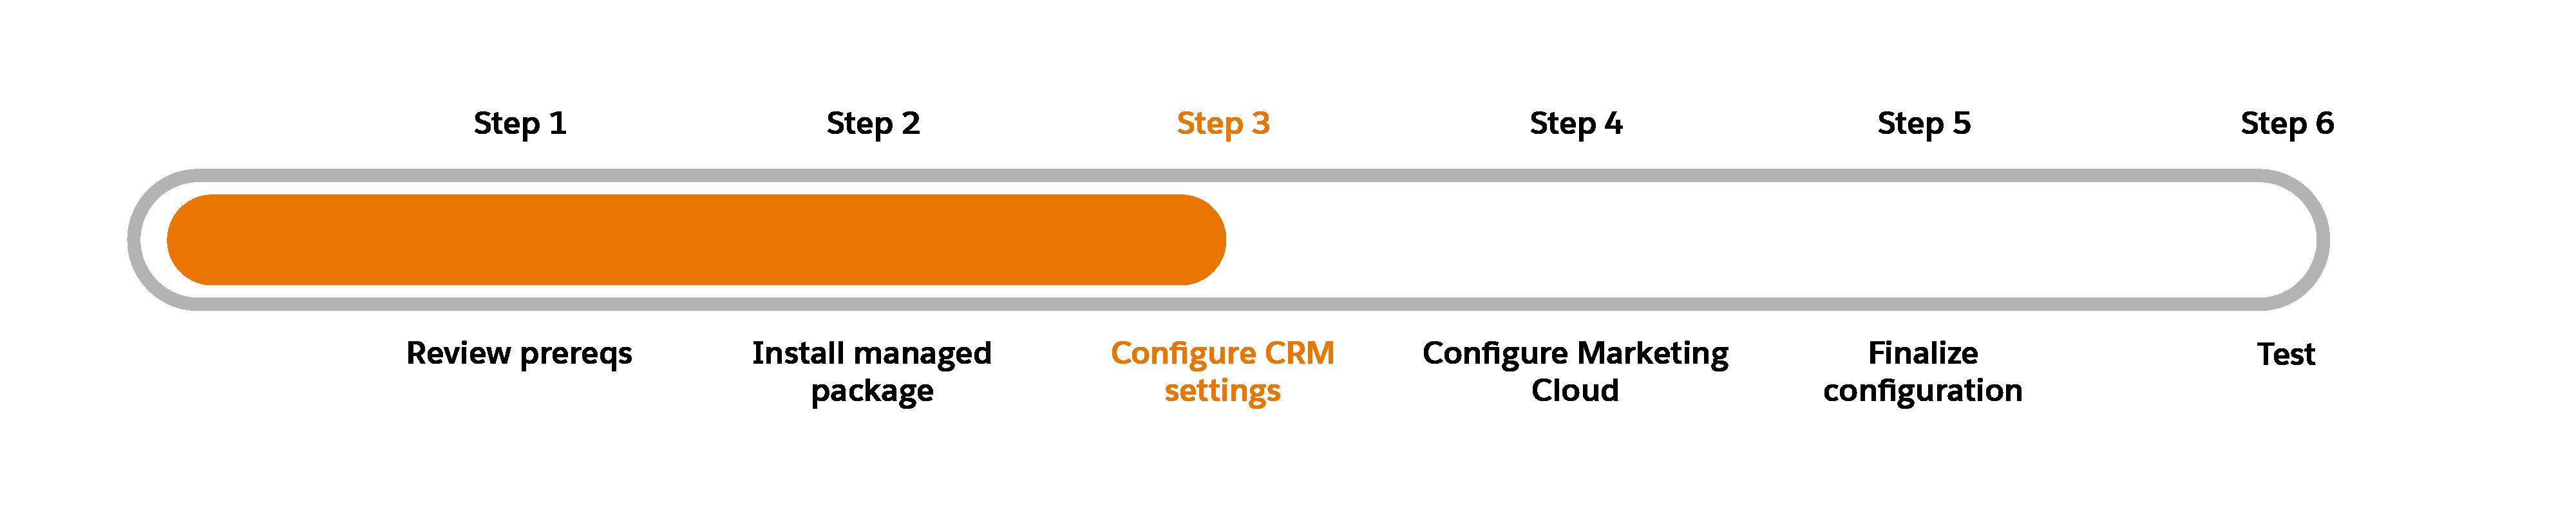 Schéma de progression avec l'étape3, Configuration des paramètres CRM, en surbrillance.